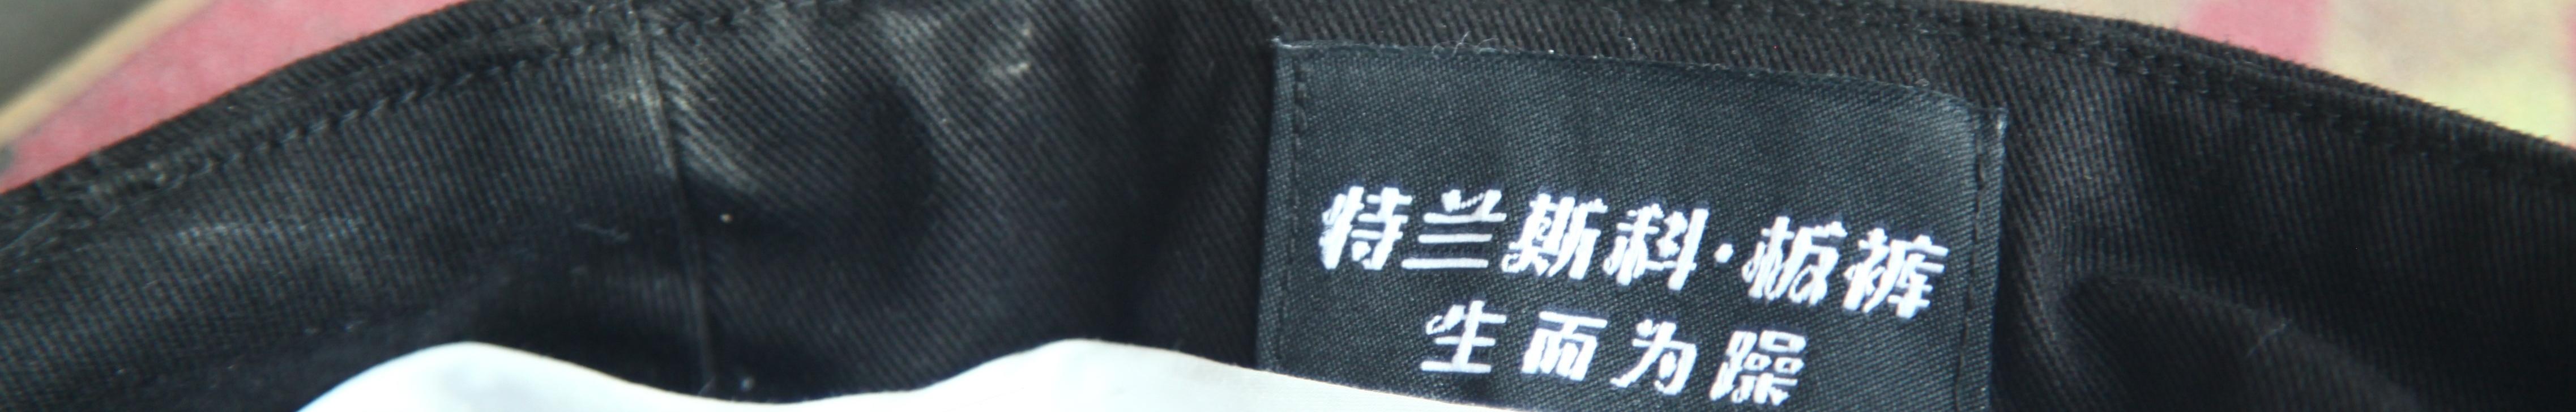 特兰斯科传媒 banner